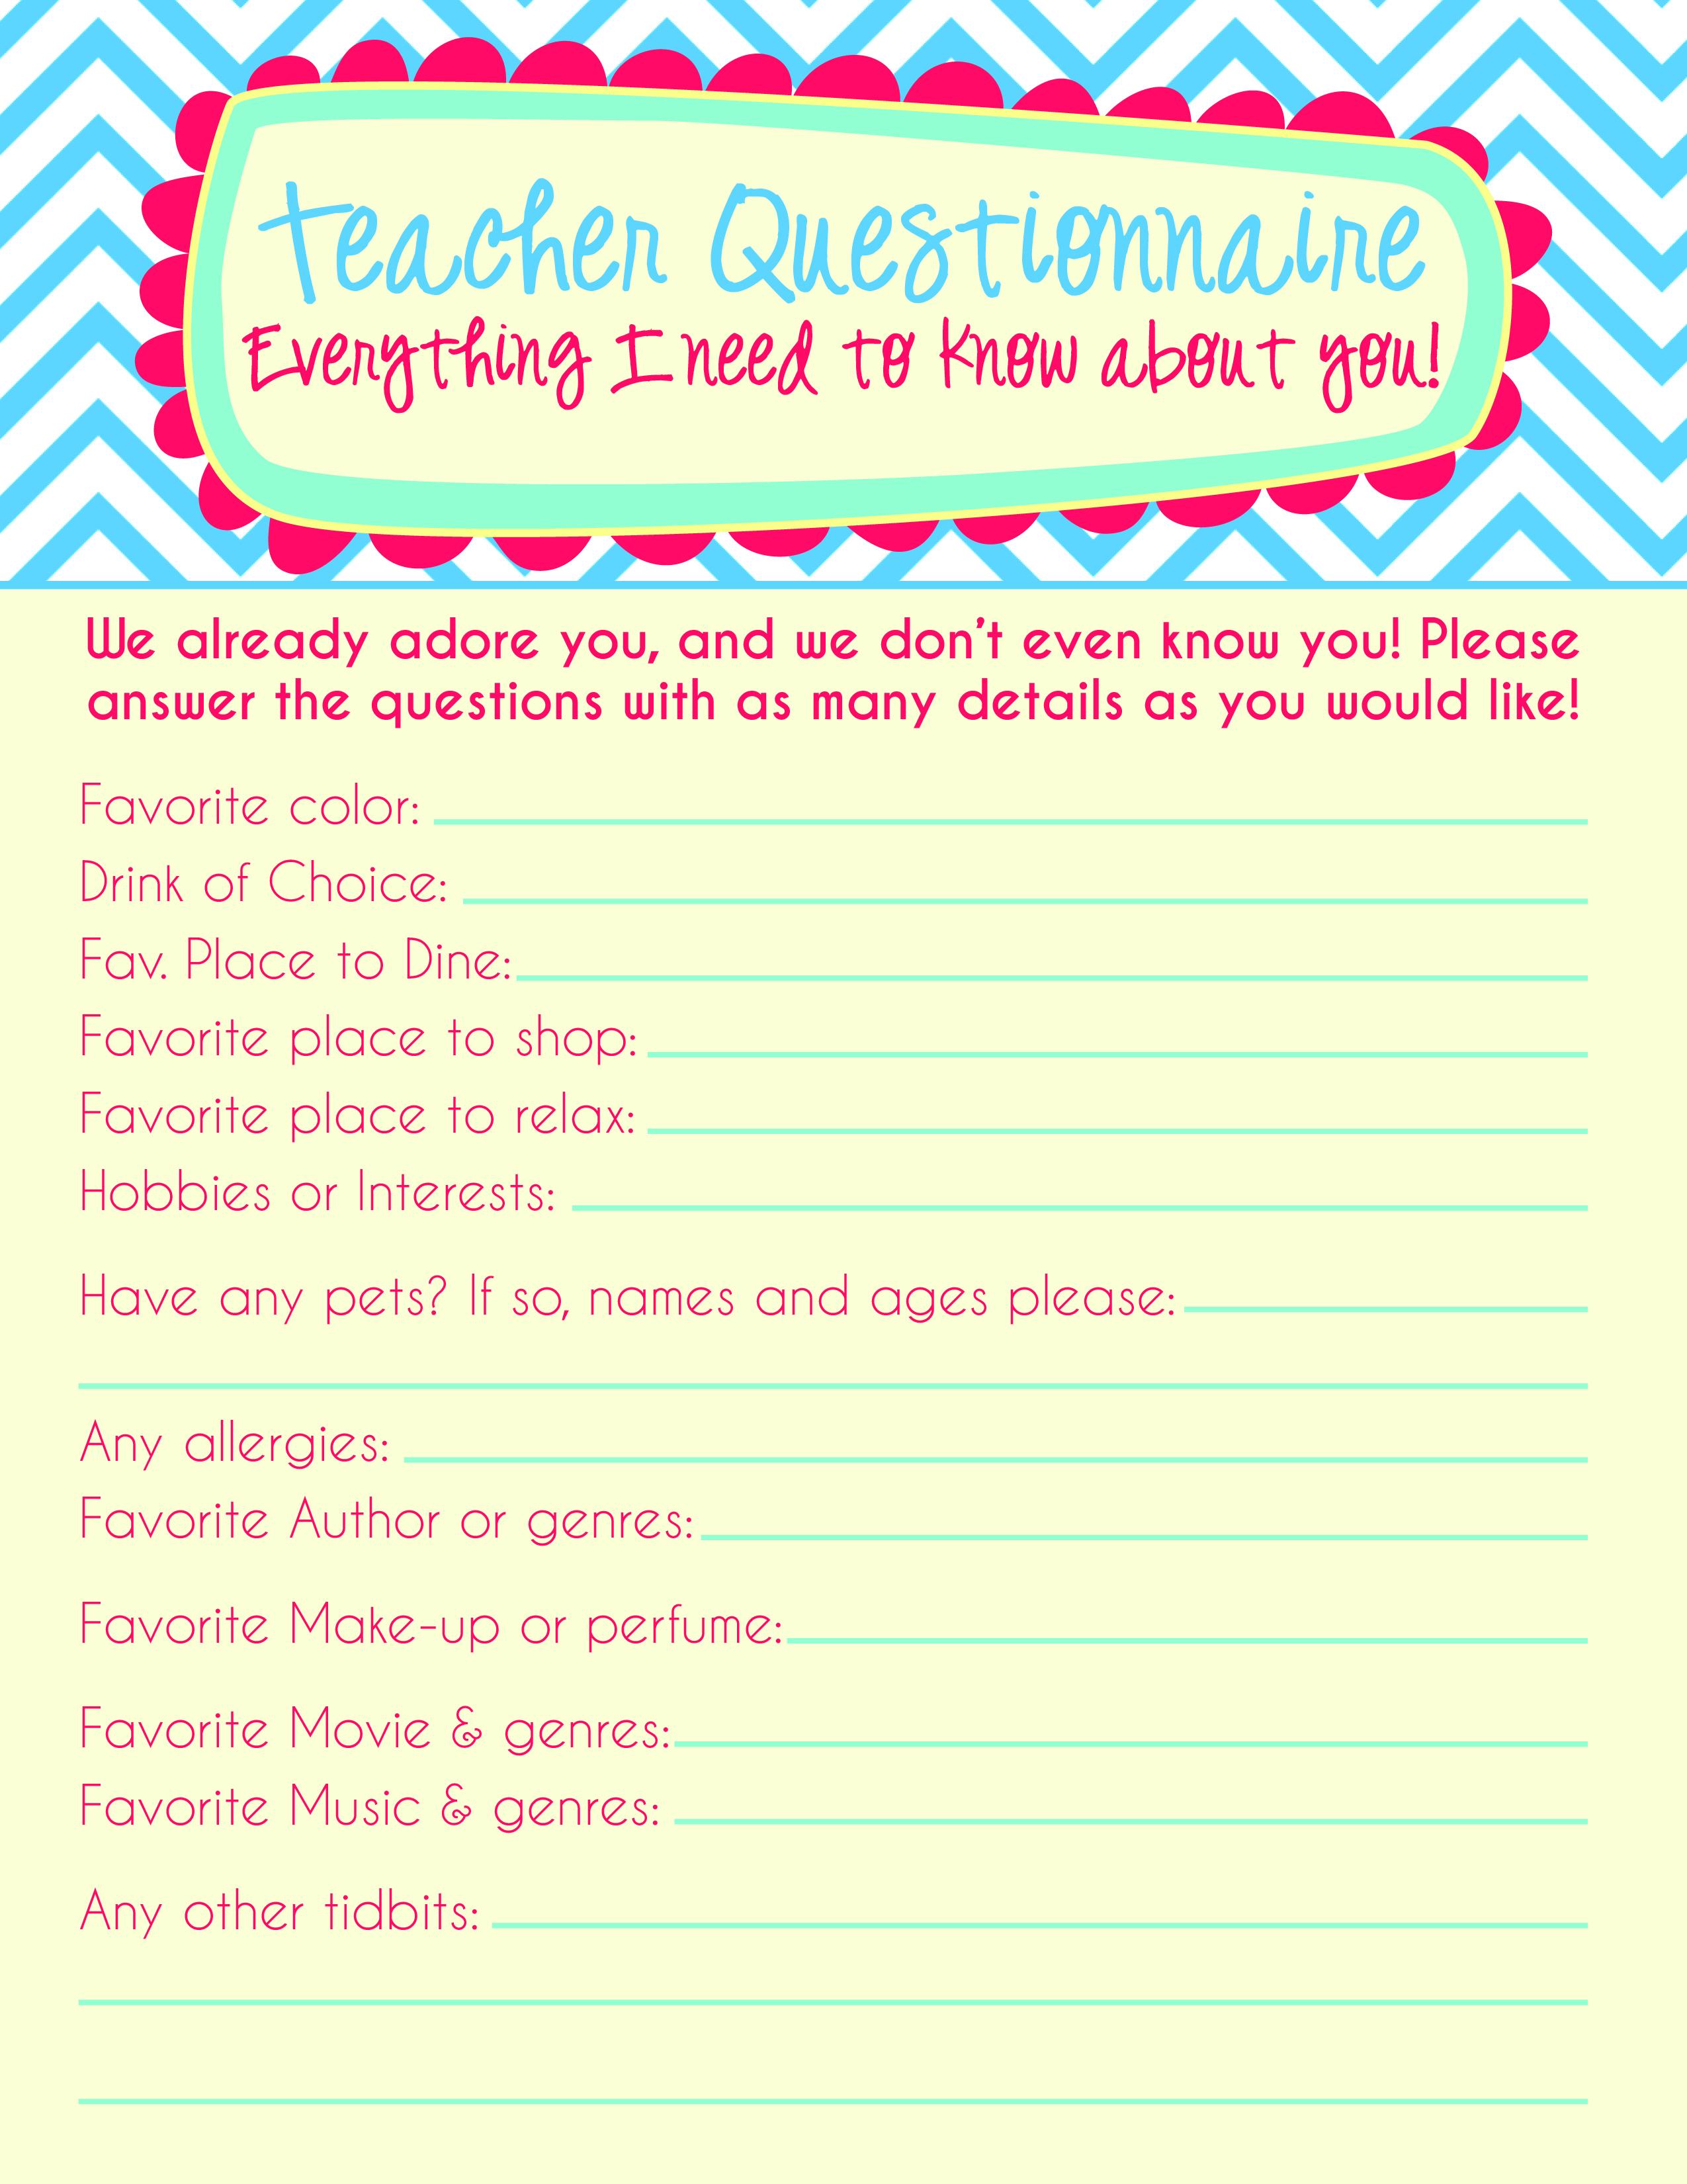 Teacher Questionnaire Palm Beach Print Shop